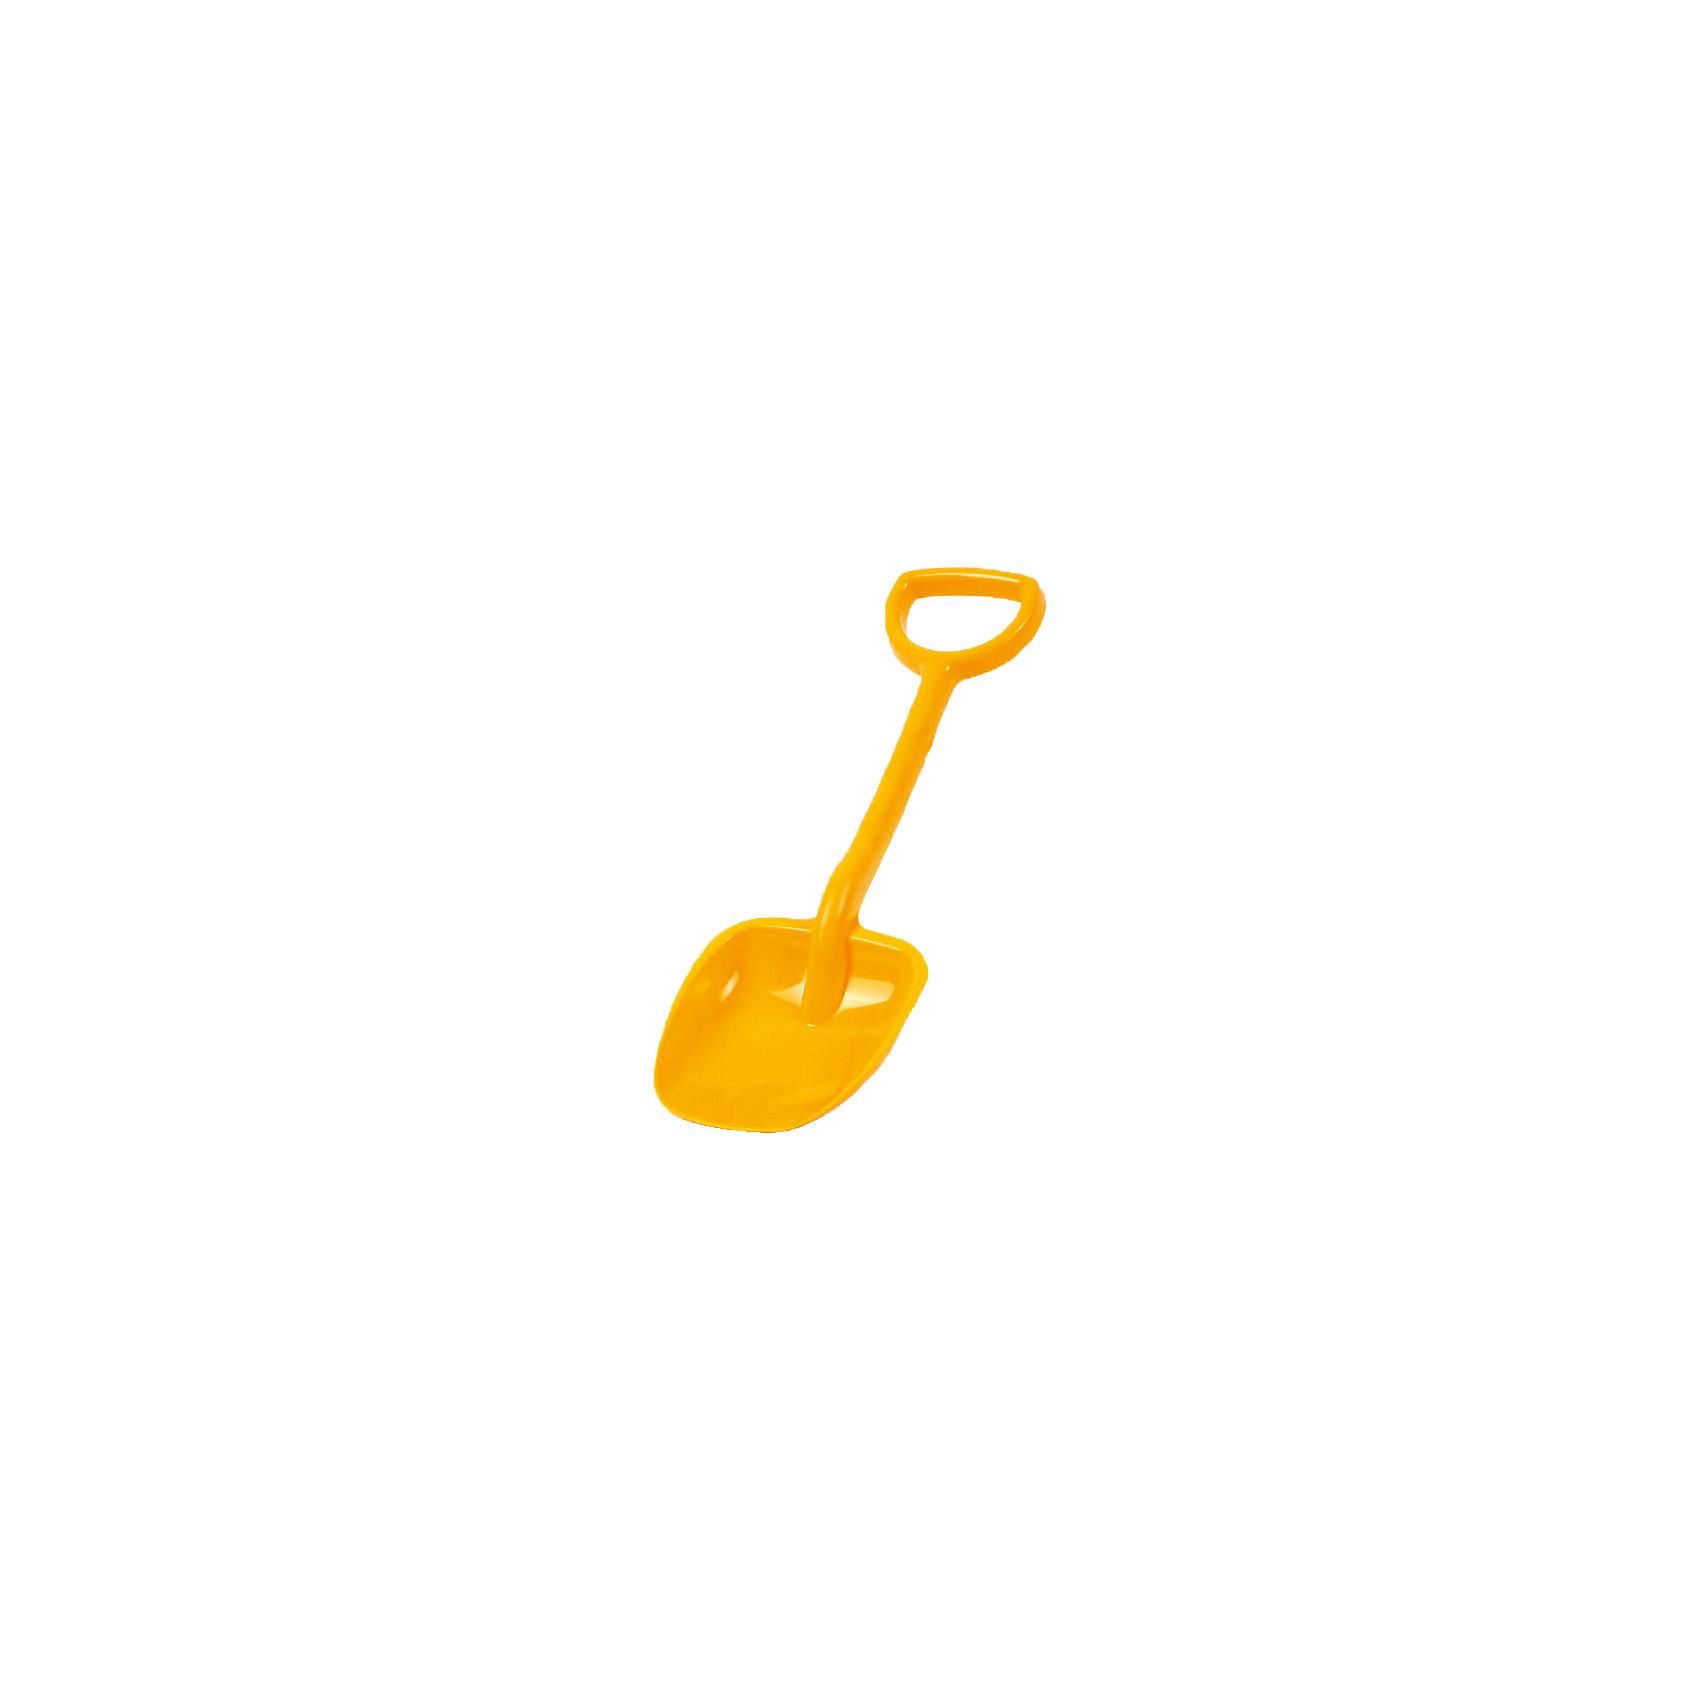 Детская лопата, желтая, 48 см.Малыши обожают копать снег и строить снежные крепости. Яркая лопата обязательно понравится ребенку и станет обязательным участником зимних детских забав. Лопата выполнена из прочного морозостойкого пластика, легкая, не имеет острых углов. <br><br>Дополнительная информация:<br><br>- Материал: пластик.<br>- Размер: 48 см. <br><br>Детскую лопату, желтую, 48 см, можно купить в нашем магазине.<br><br>Ширина мм: 480<br>Глубина мм: 70<br>Высота мм: 250<br>Вес г: 200<br>Возраст от месяцев: 12<br>Возраст до месяцев: 120<br>Пол: Унисекс<br>Возраст: Детский<br>SKU: 4244429